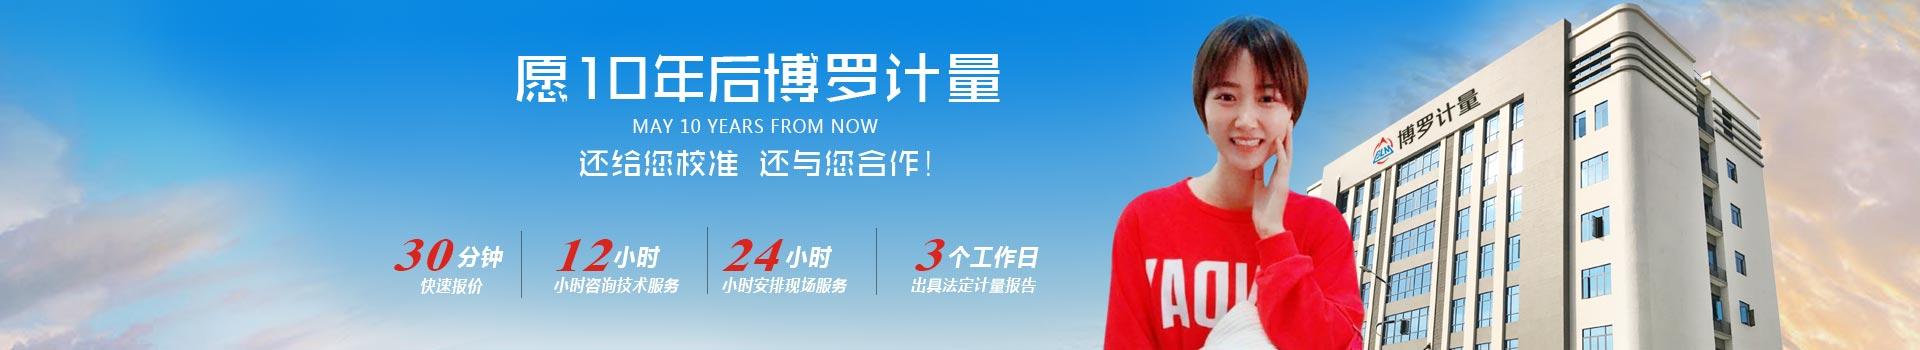 计量仪器检定技术好广东省环保计量专业站(博罗)技术实体!